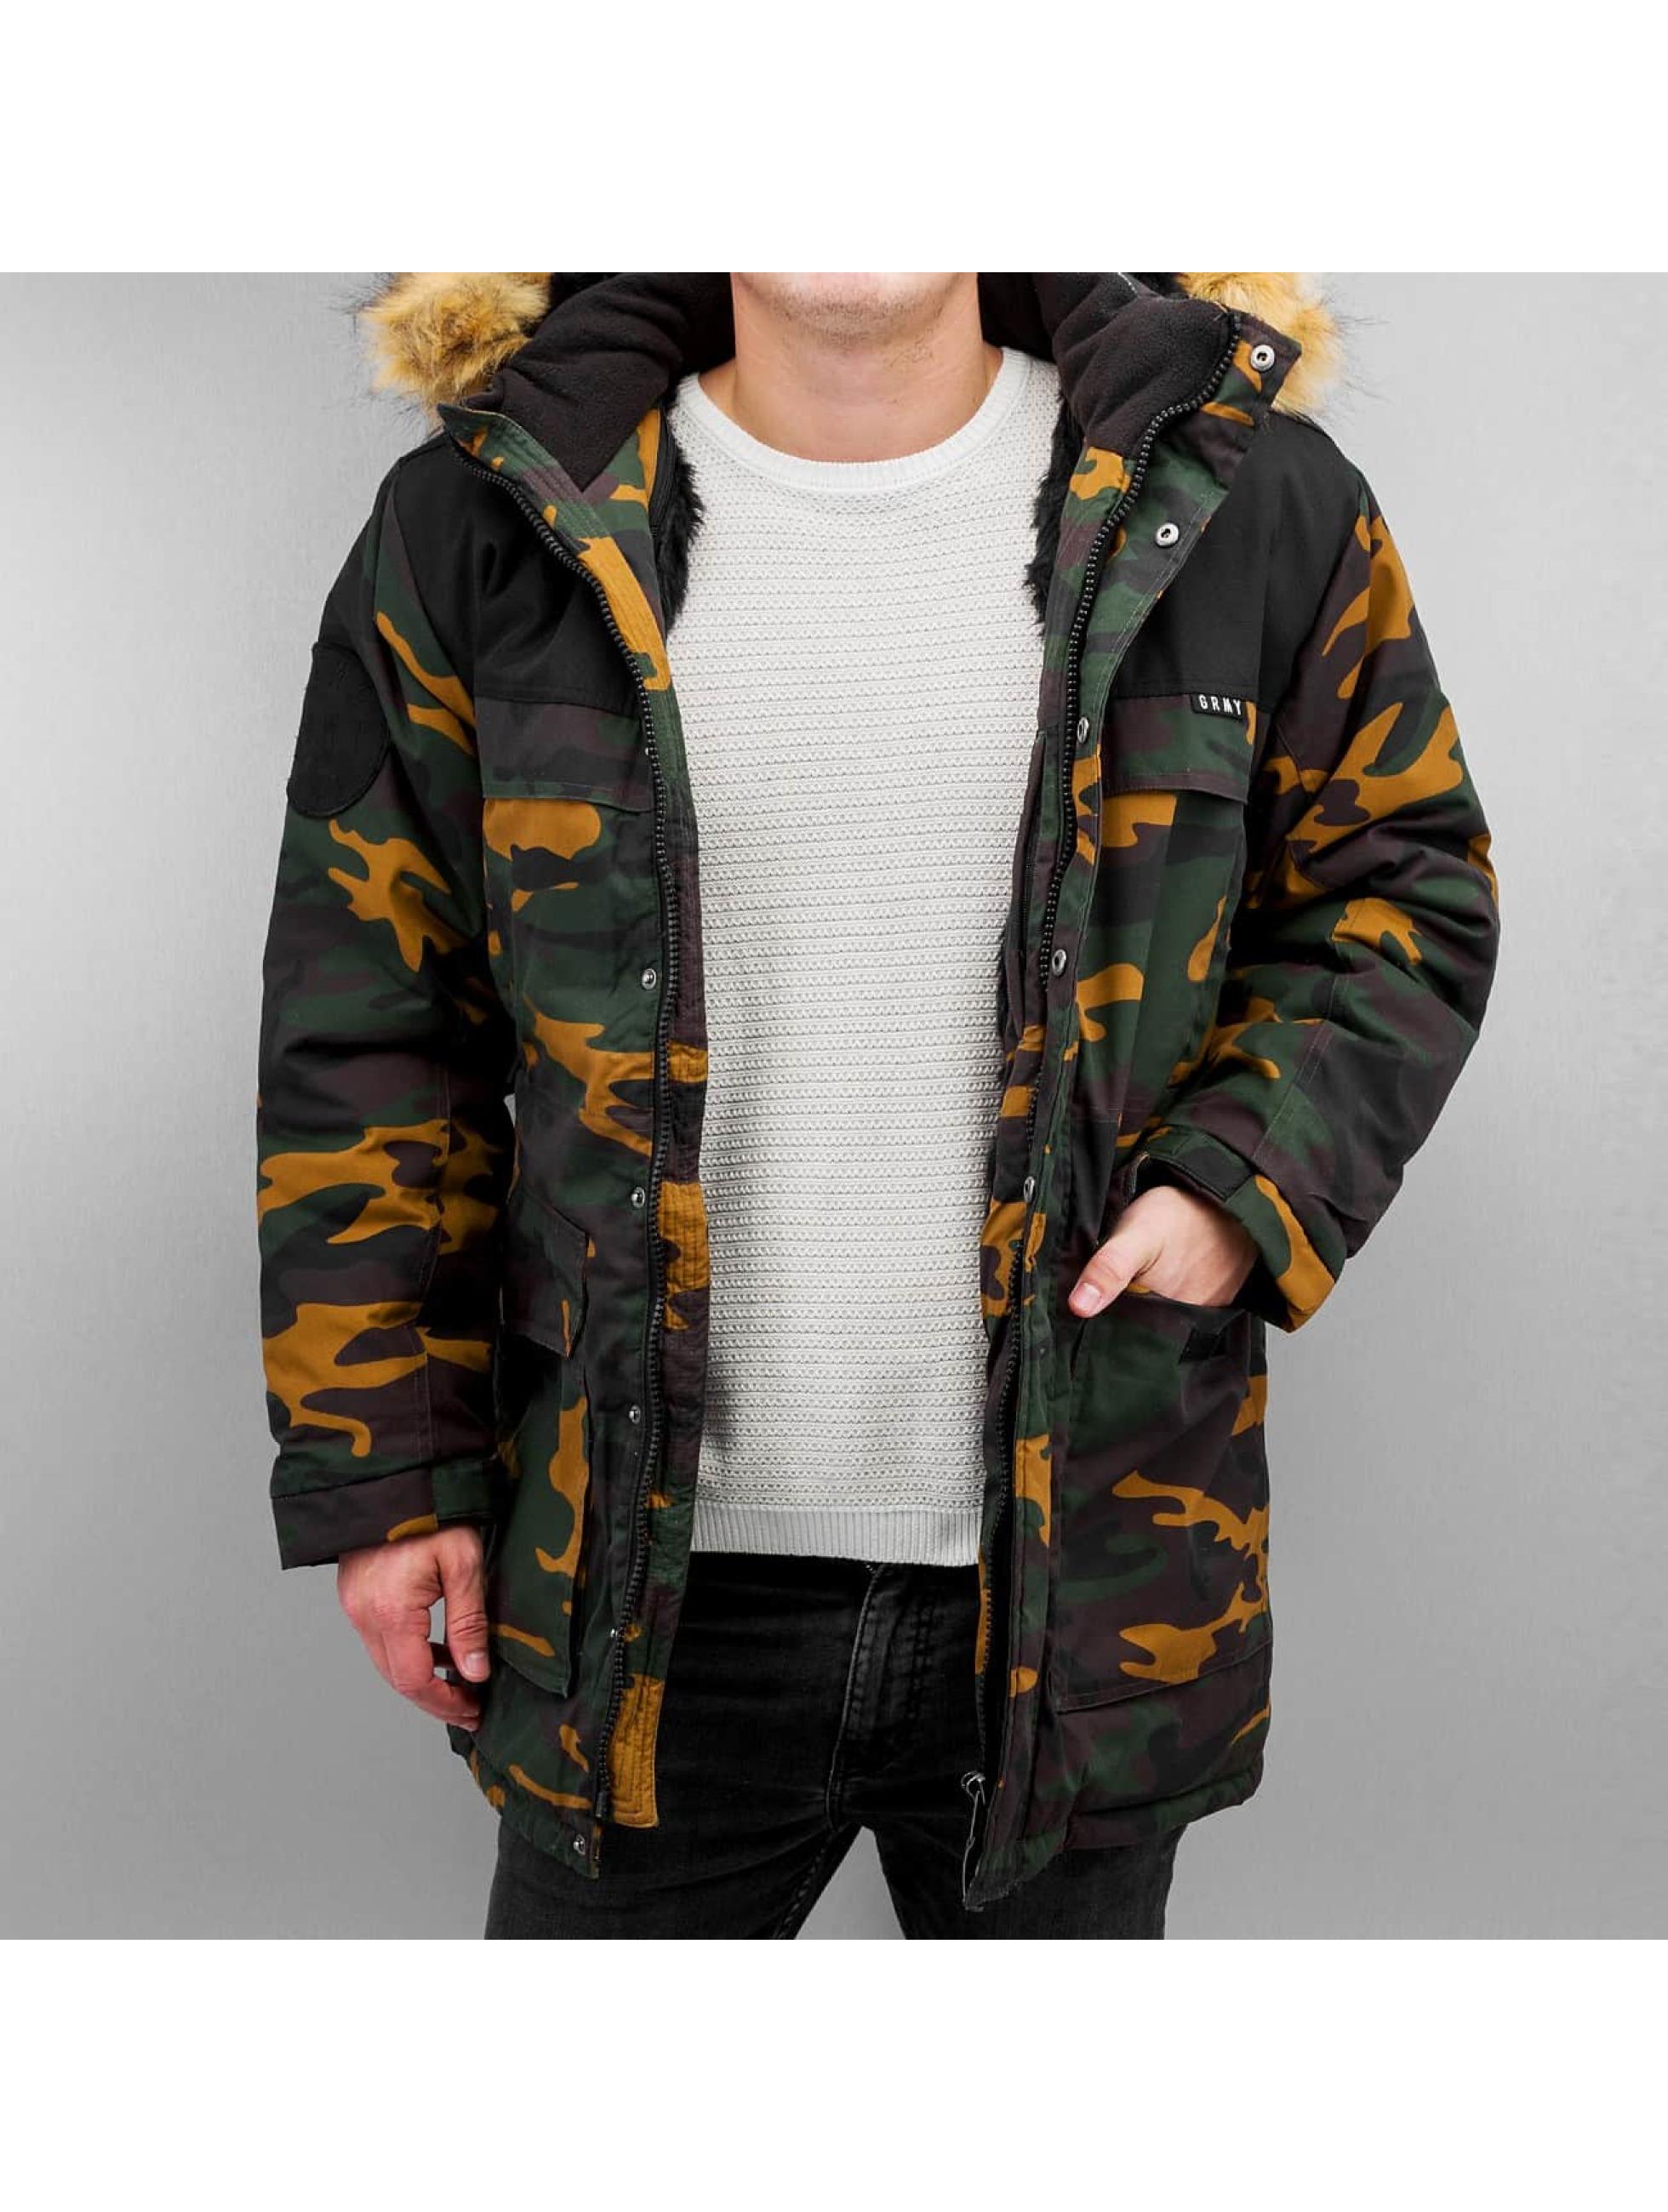 Winterjacke Smoky Alley in camouflage